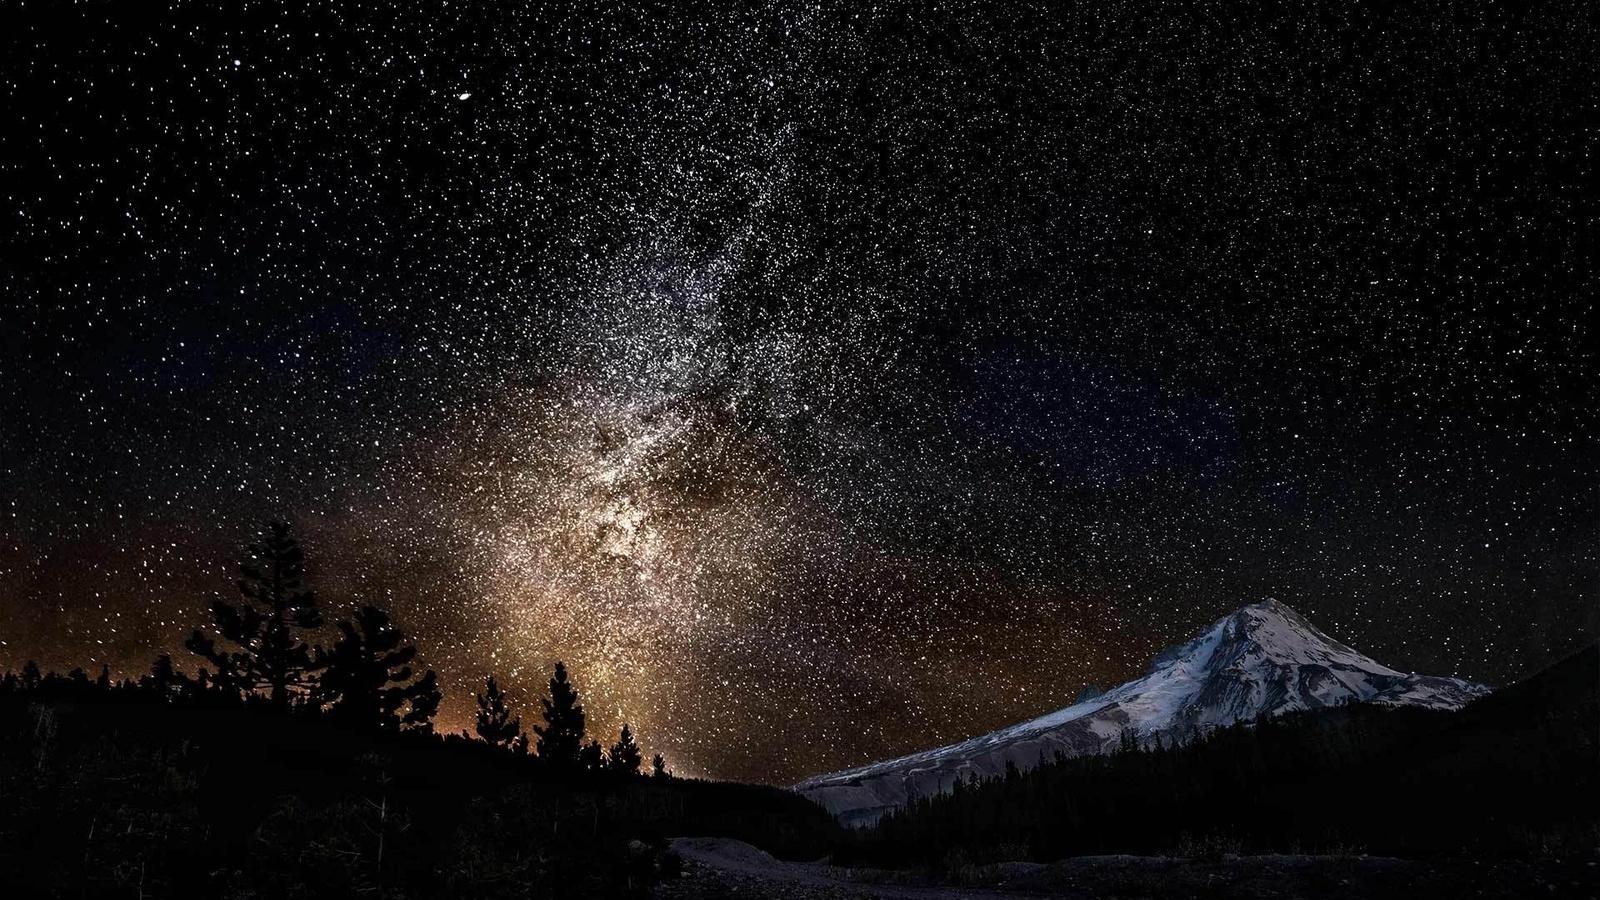 самый красивое звездное небо картинка на рабочий стол узнать, как часто